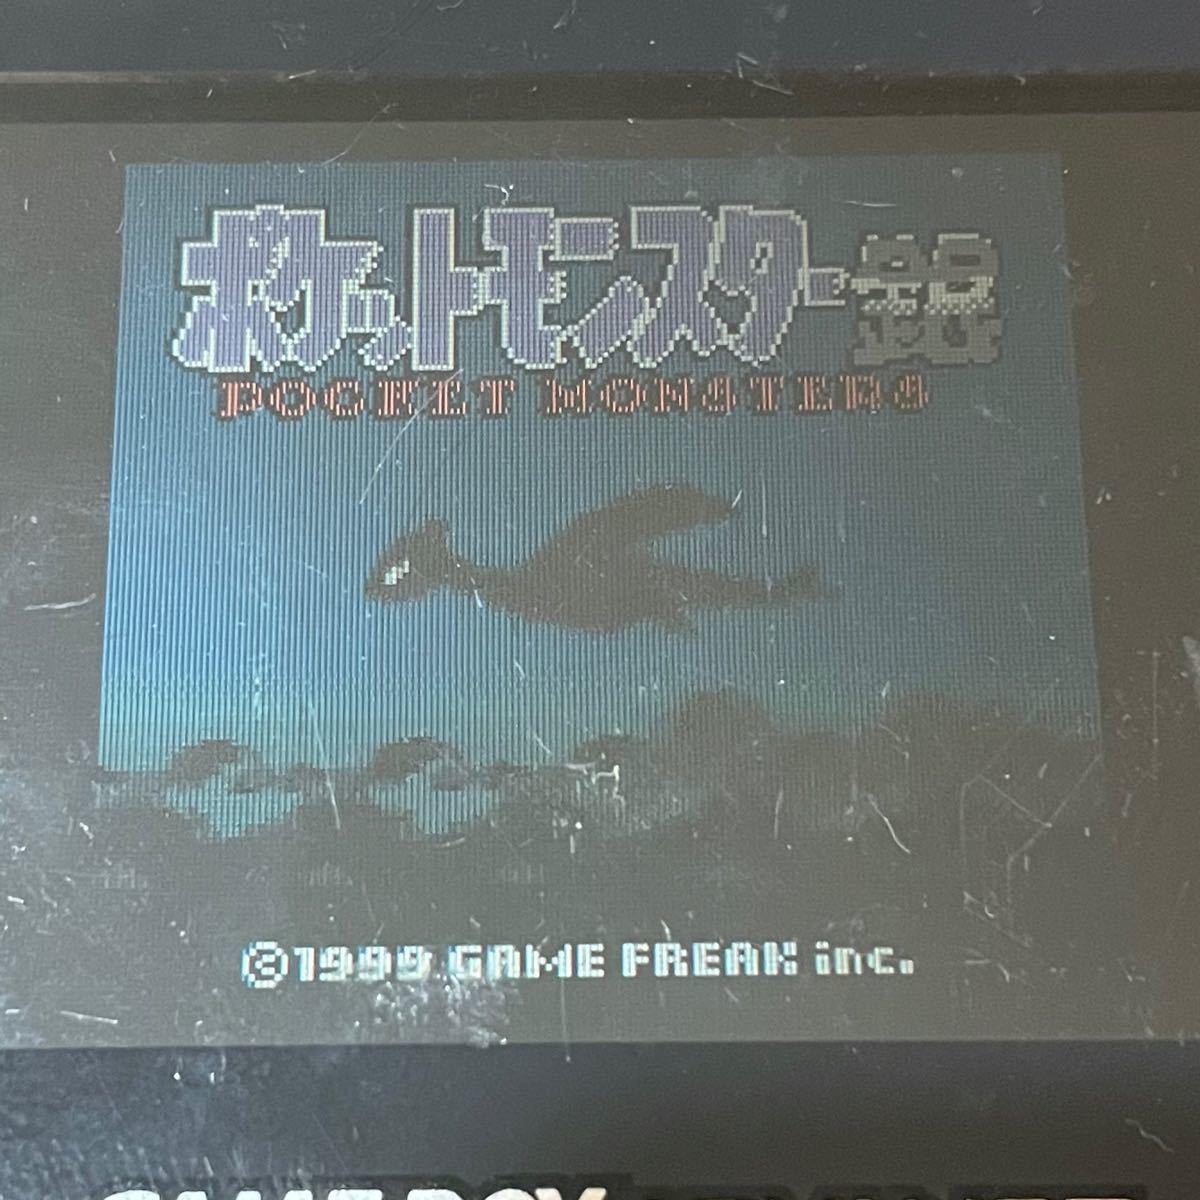 ポケットモンスター赤、ピカチュウ、金、銀(2個)、クリスタル 6本セット ポケモン ゲームボーイ ソフト